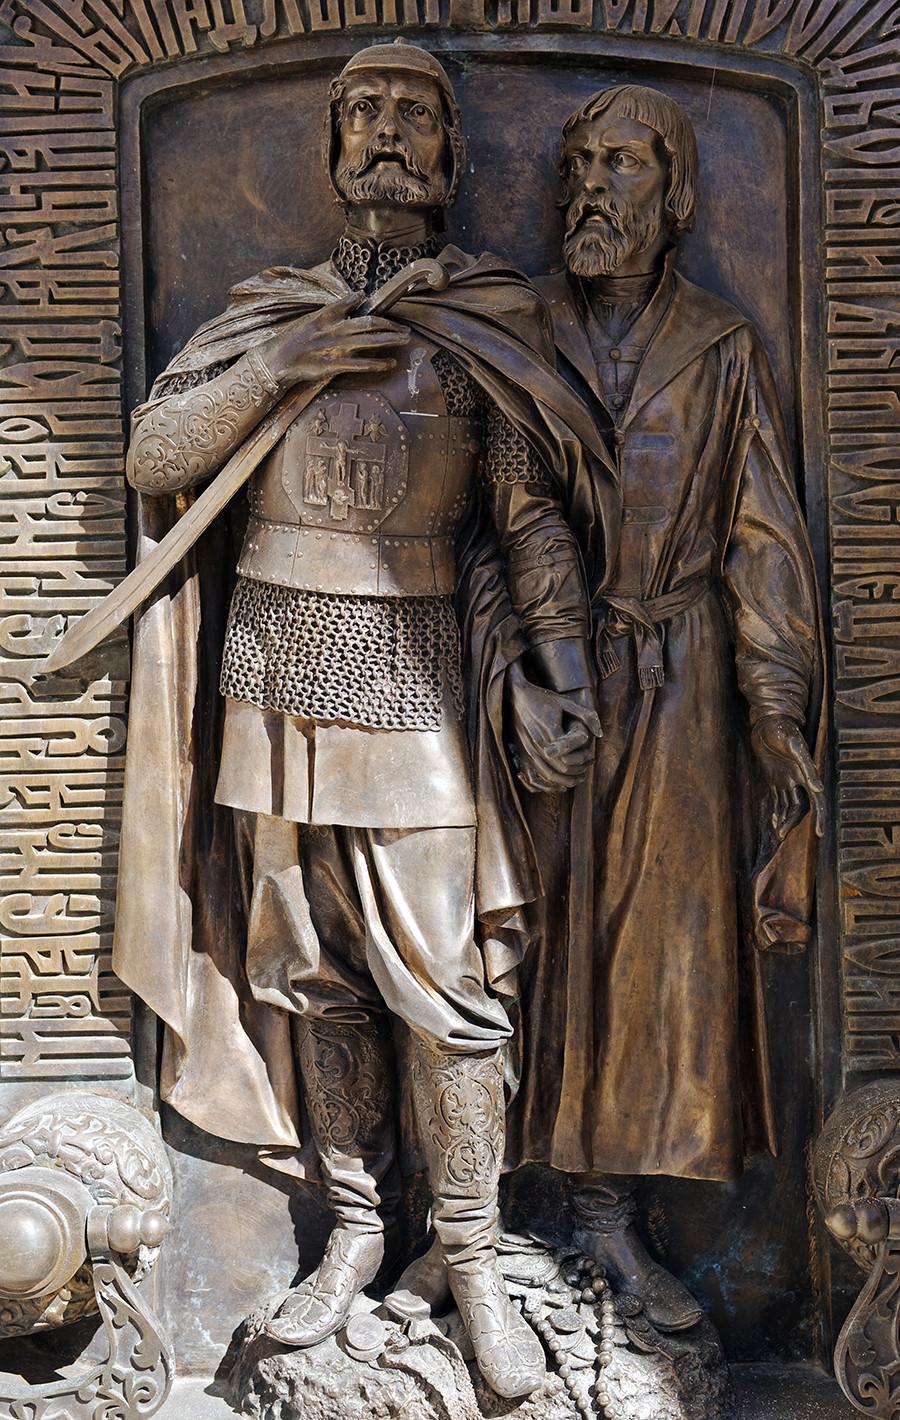 Русија, Суздаљ, Манстир преподобног Јефимија. Бронзани рељеф са ликовима Пожарског и Мињина на вратима мале капеле у којој се налази гроб Пожарског.